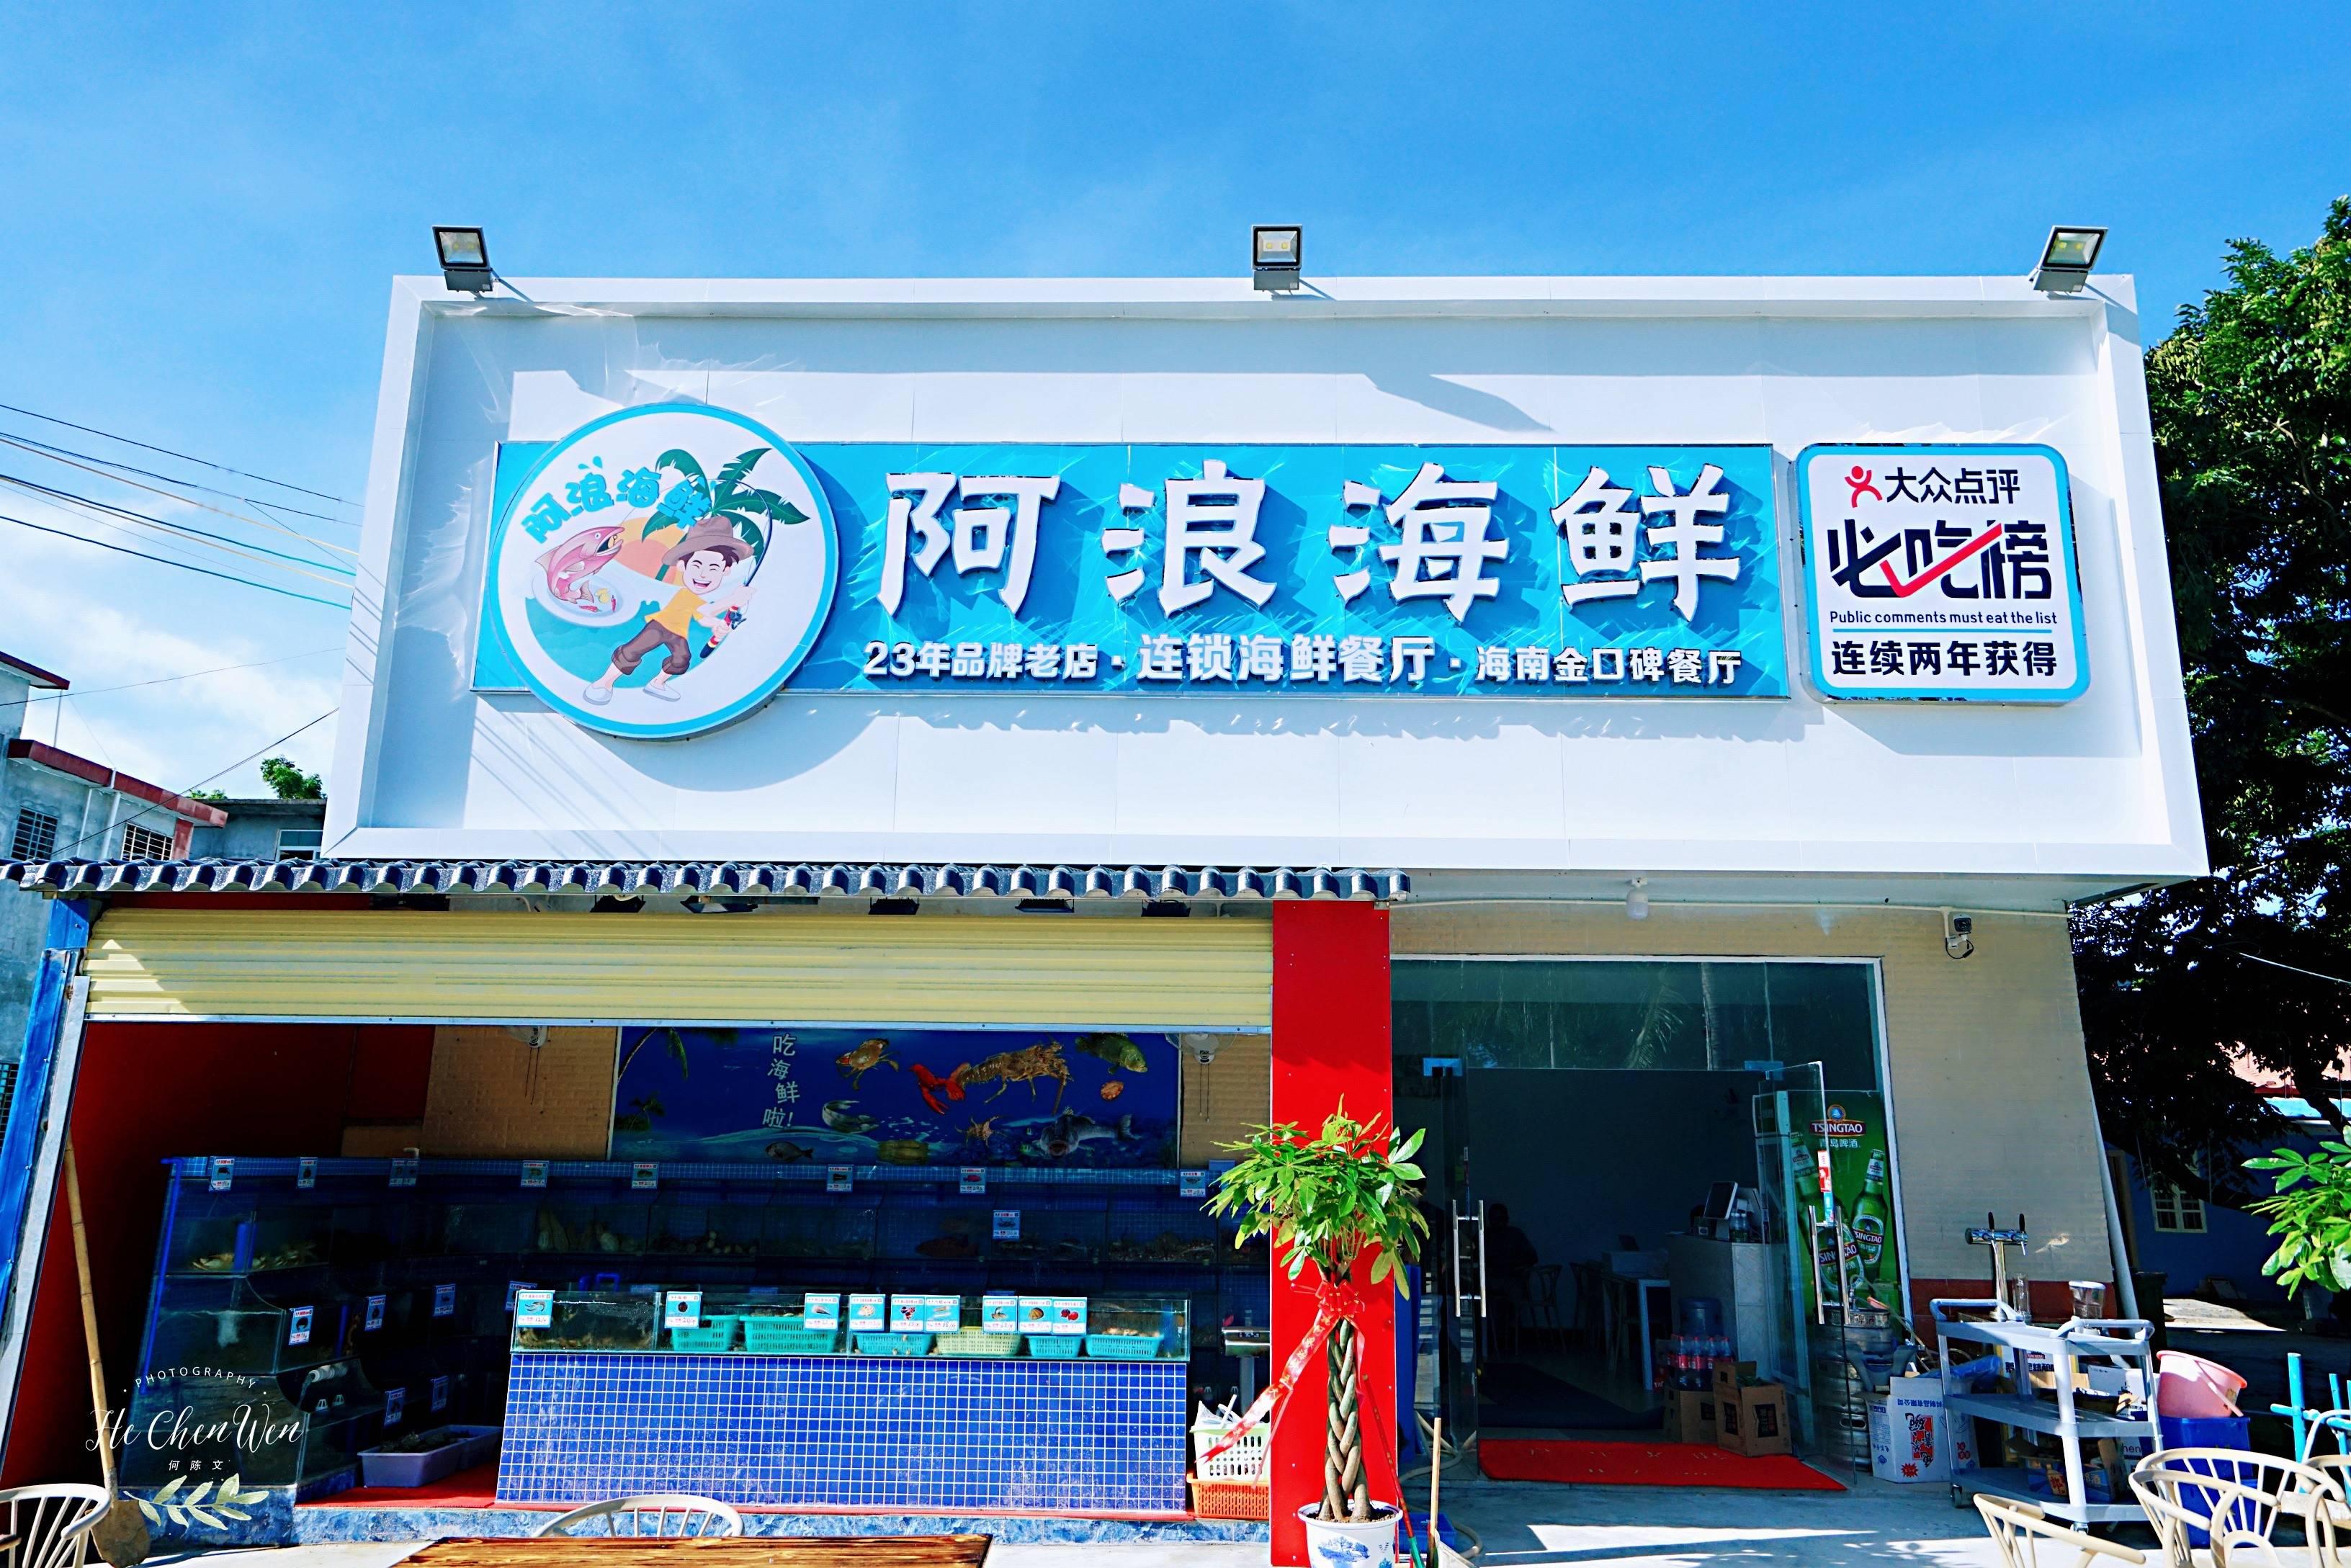 三亚连锁海鲜餐厅,23年品牌老店,好吃实惠,游客都爱来